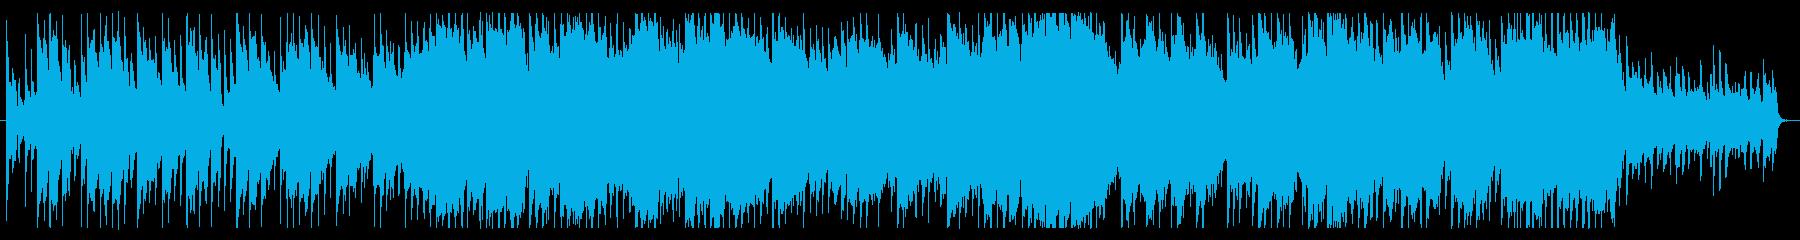 優しく、切ない、風景的なチルアウトBGMの再生済みの波形